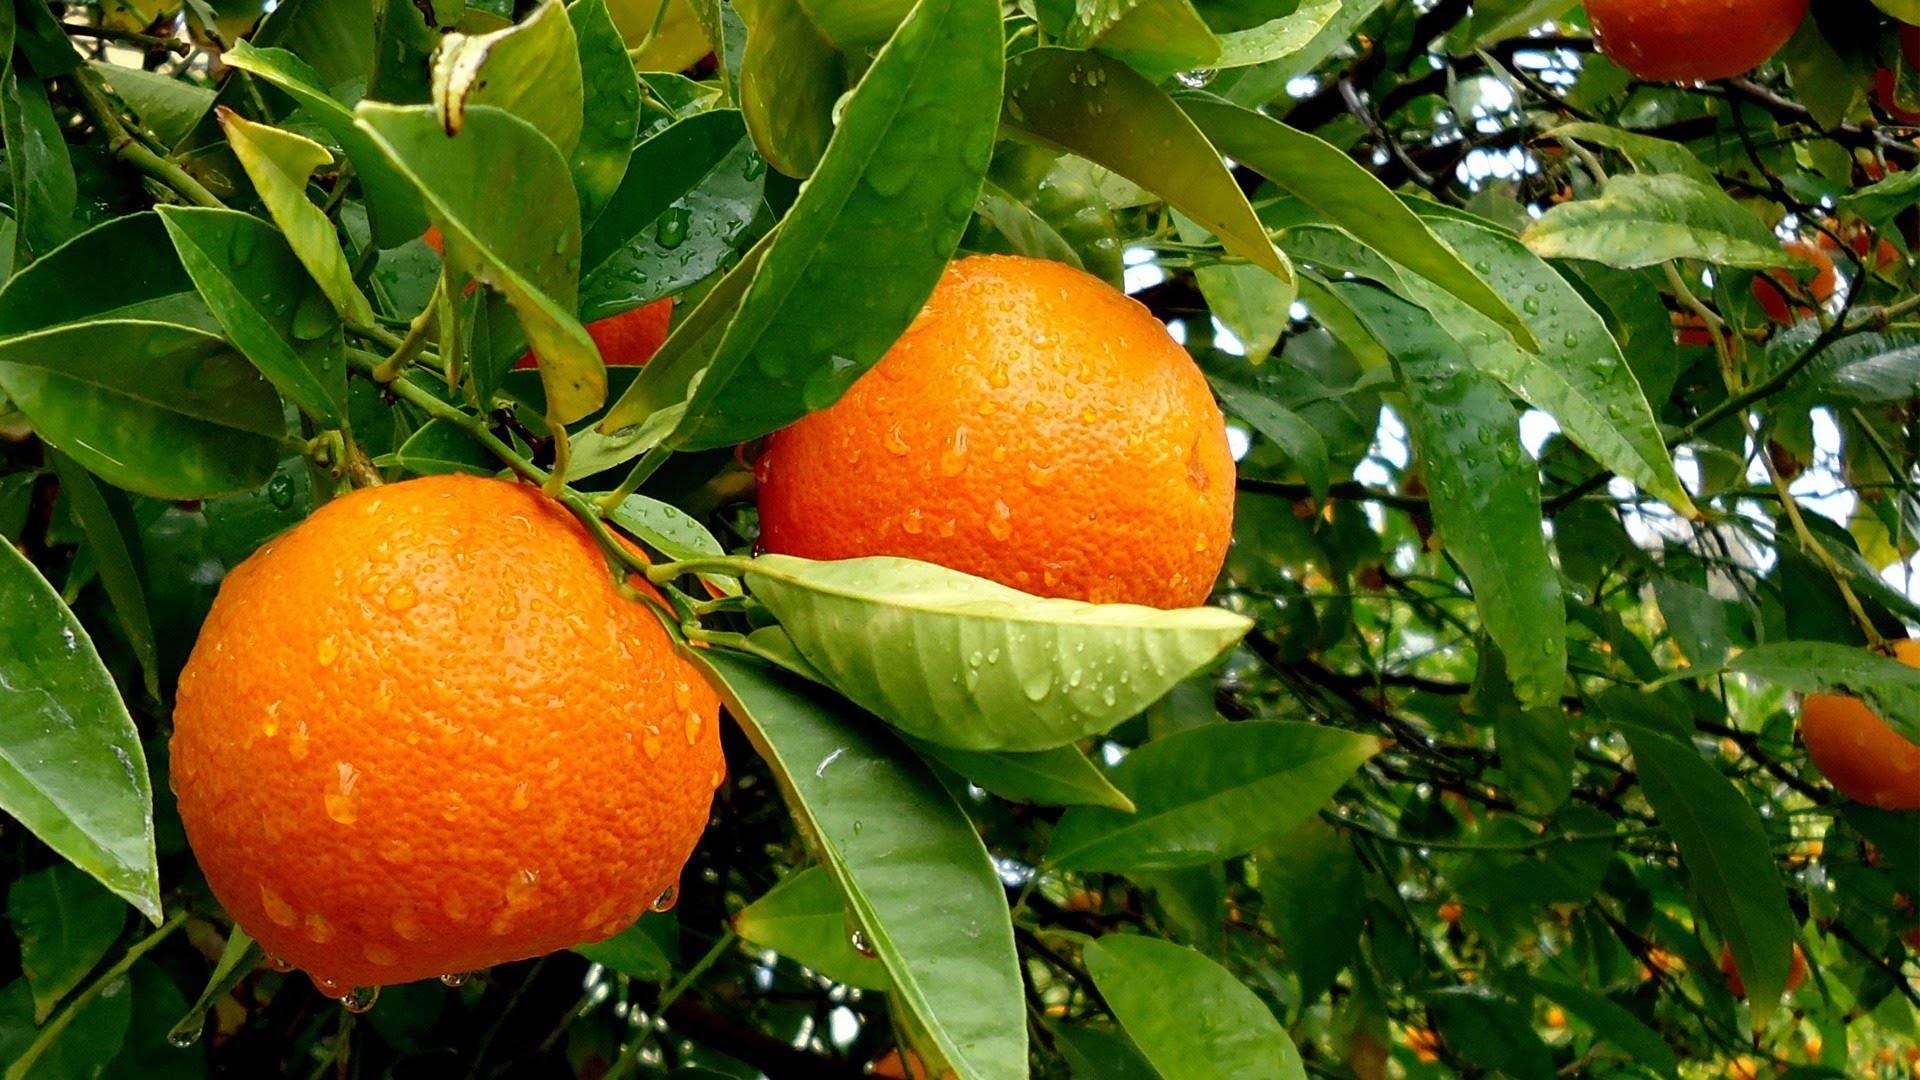 Как вырастить мандарин из косточки в домашних условиях: выбор посадочного материала и грунта. правила содержания мандаринового деревца в комнатных условиях (115 фото)